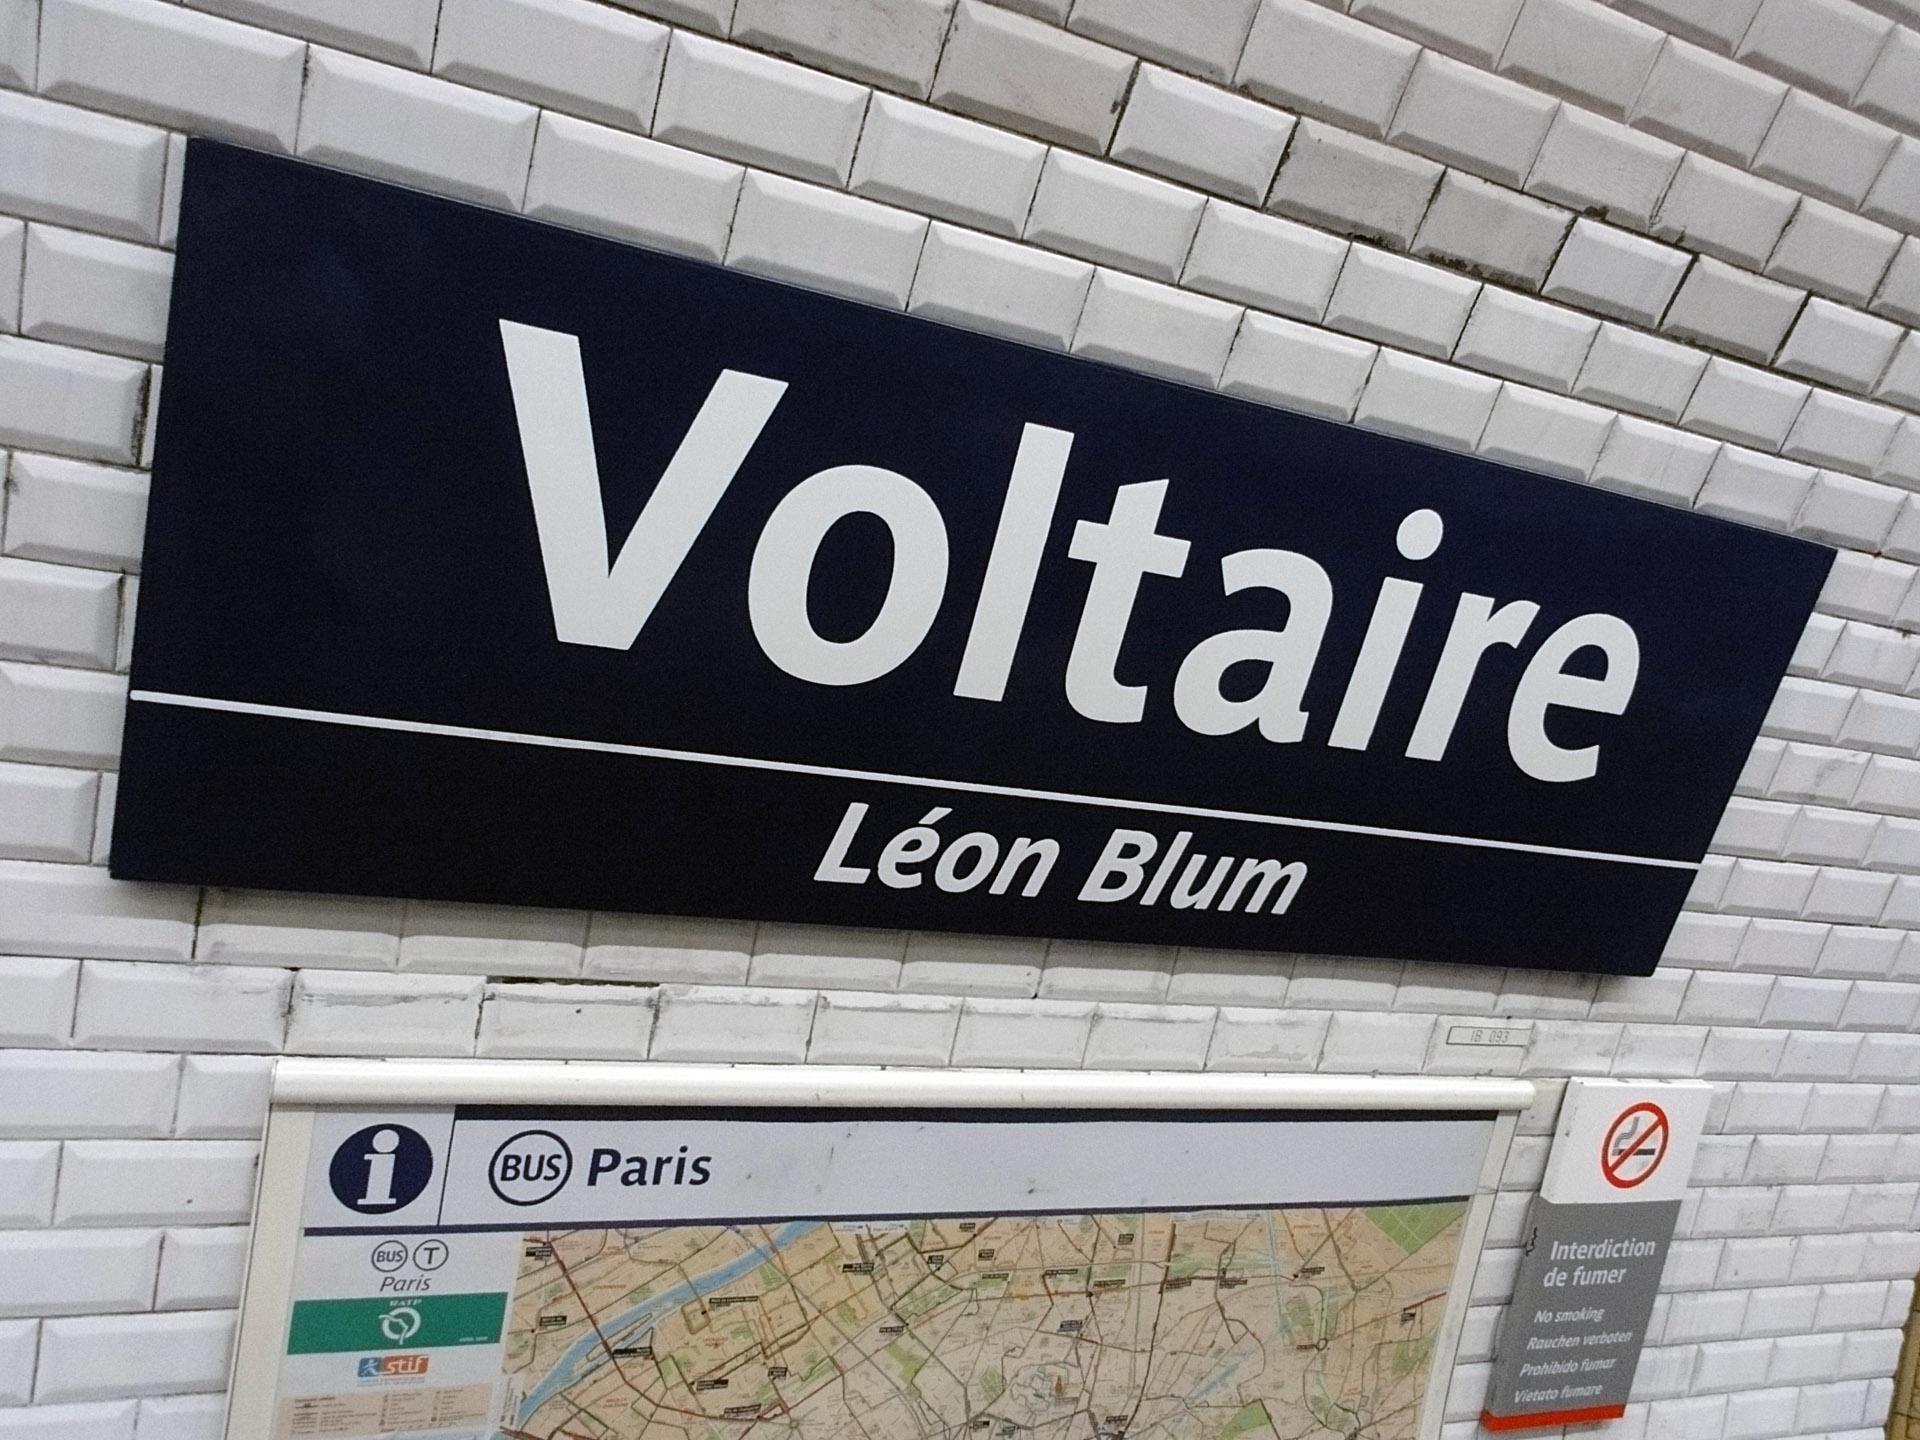 Plaque Metro Parisien Deco voltaire (métro paris) – wikipedia